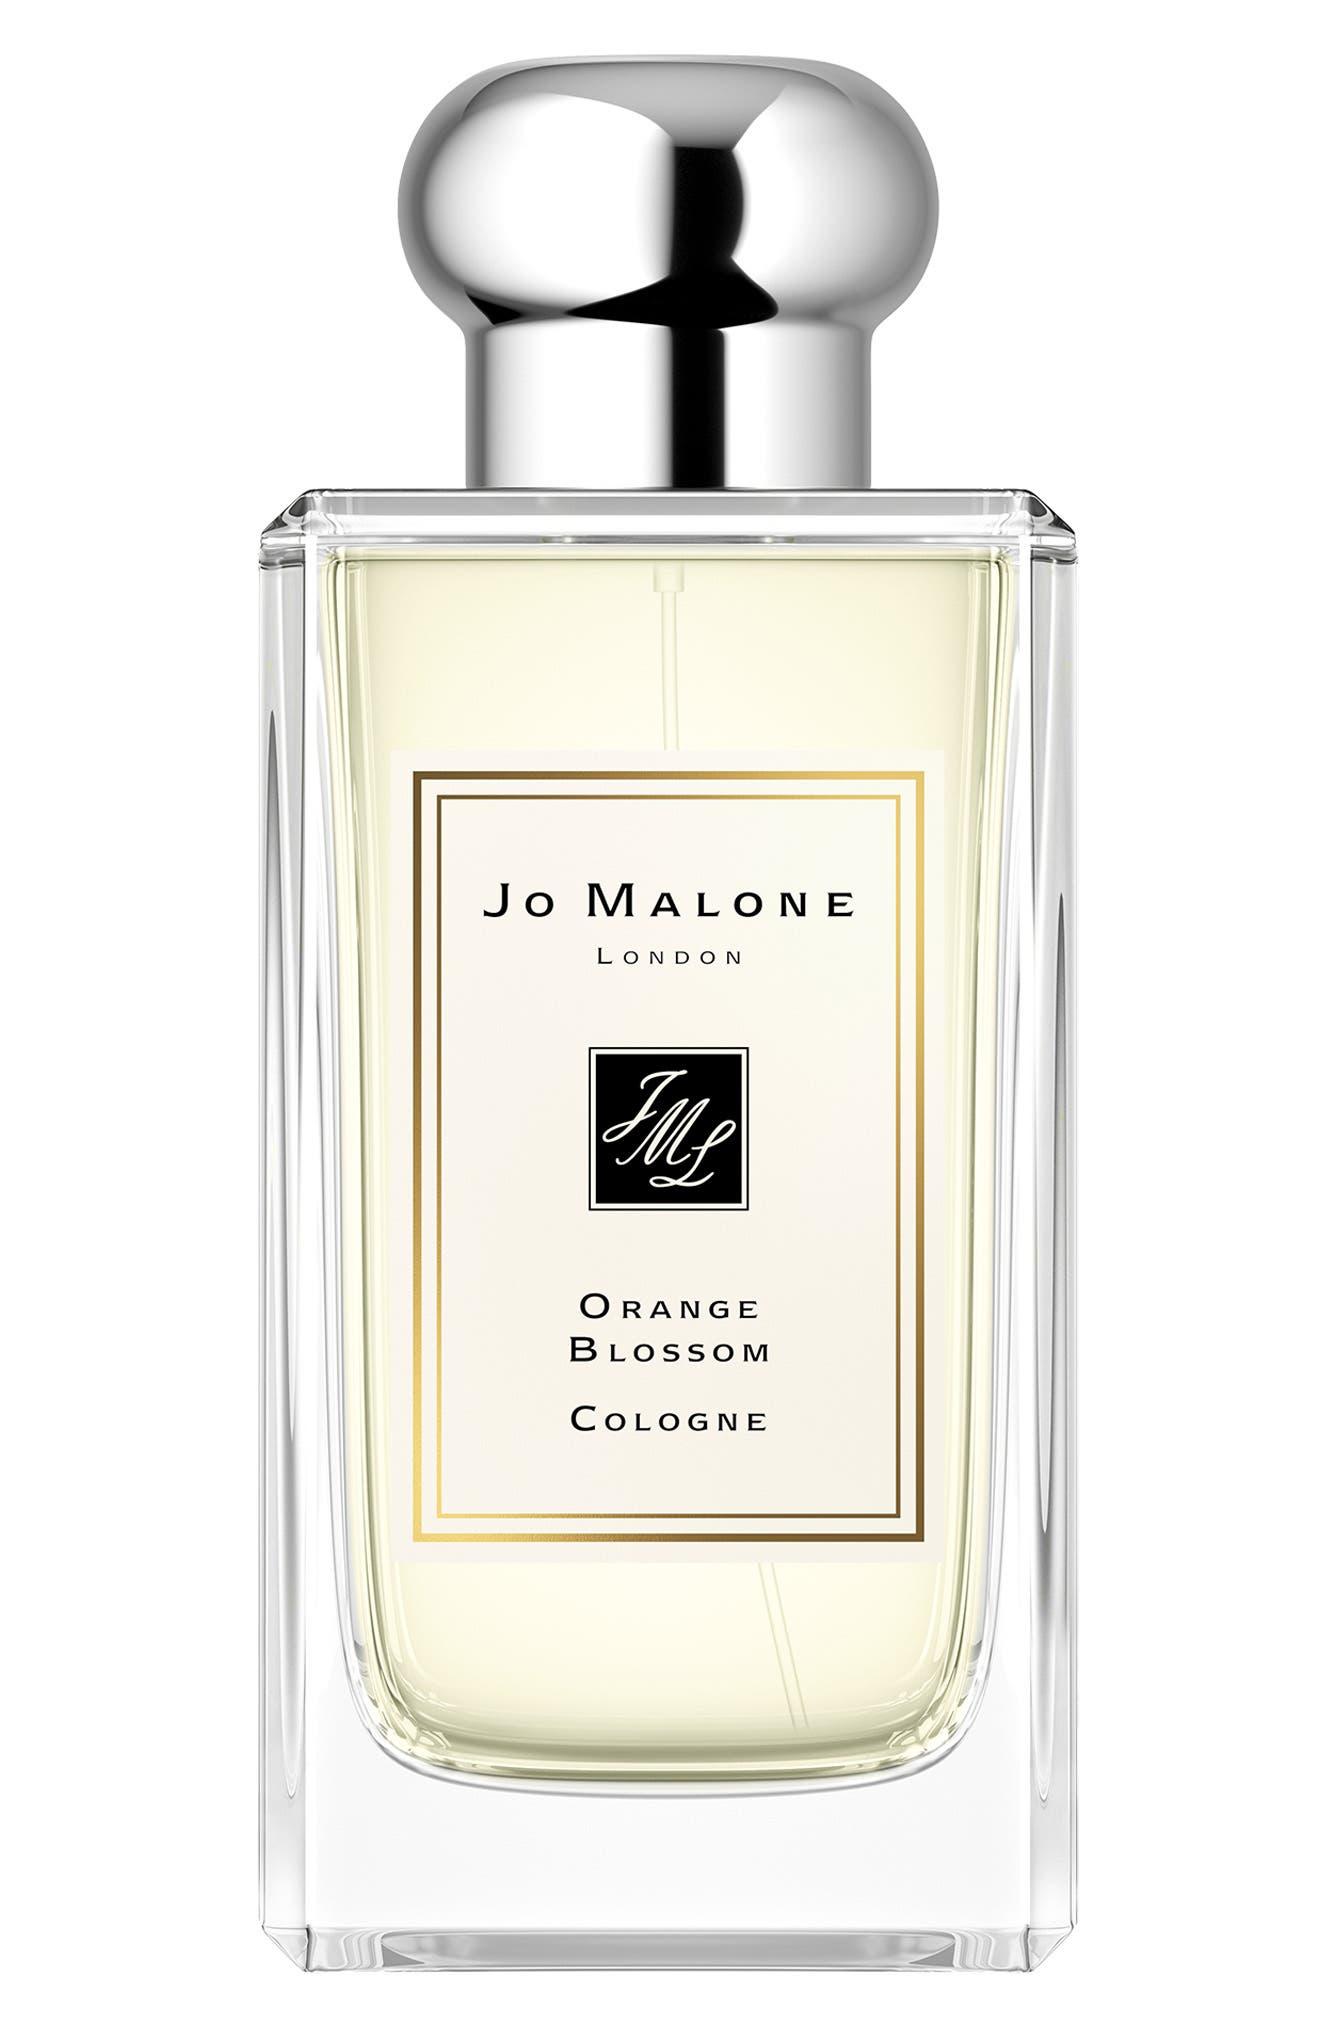 Jo Malone London(TM) Orange Blossom Cologne